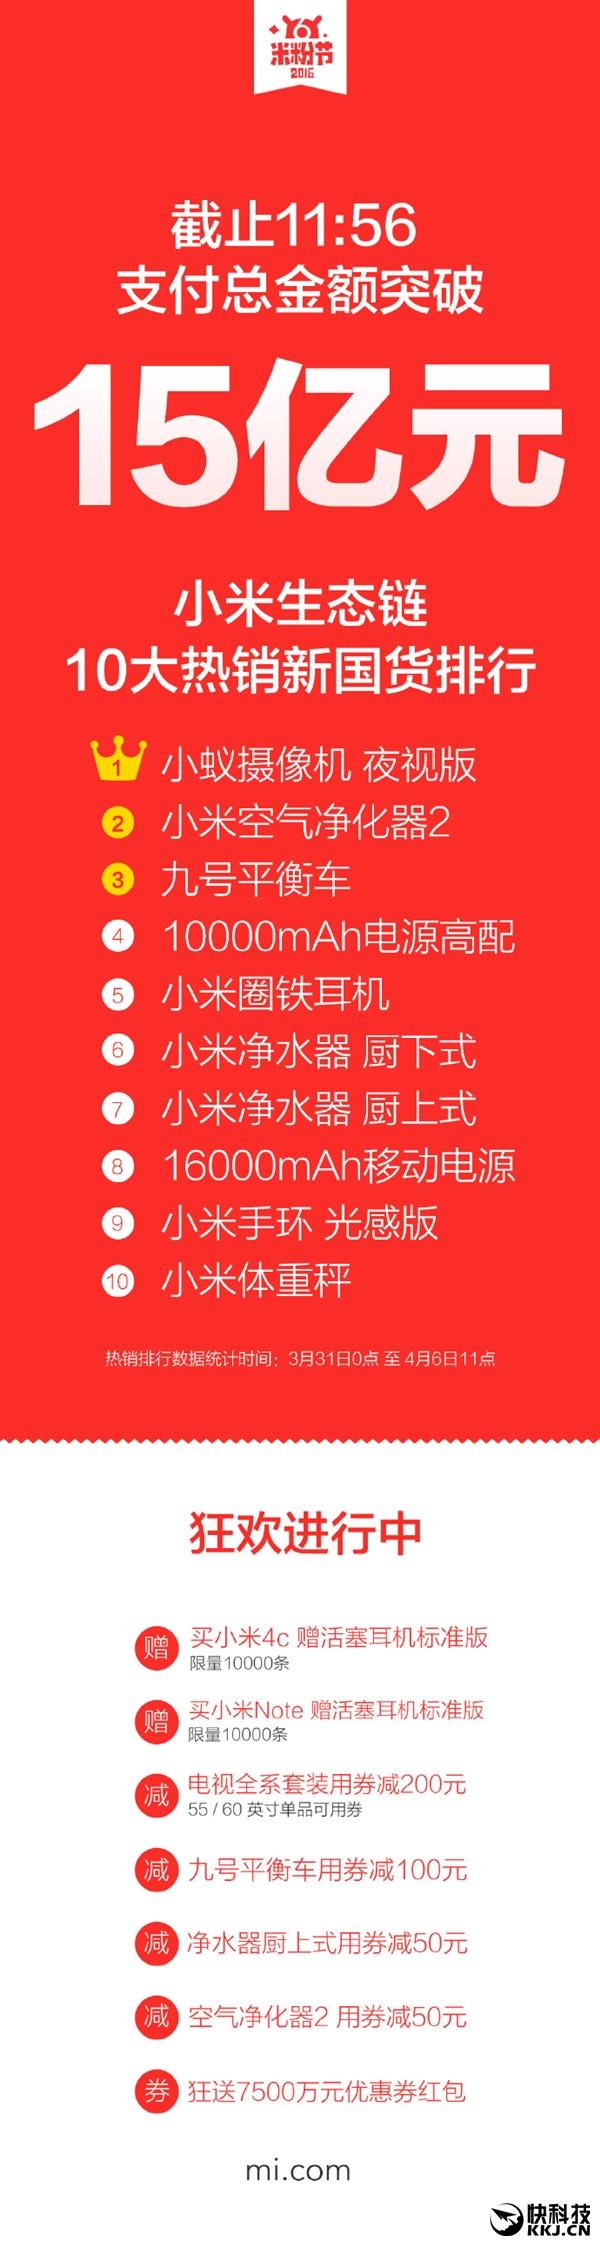 小米米粉节破15亿!十大热卖新国货排行